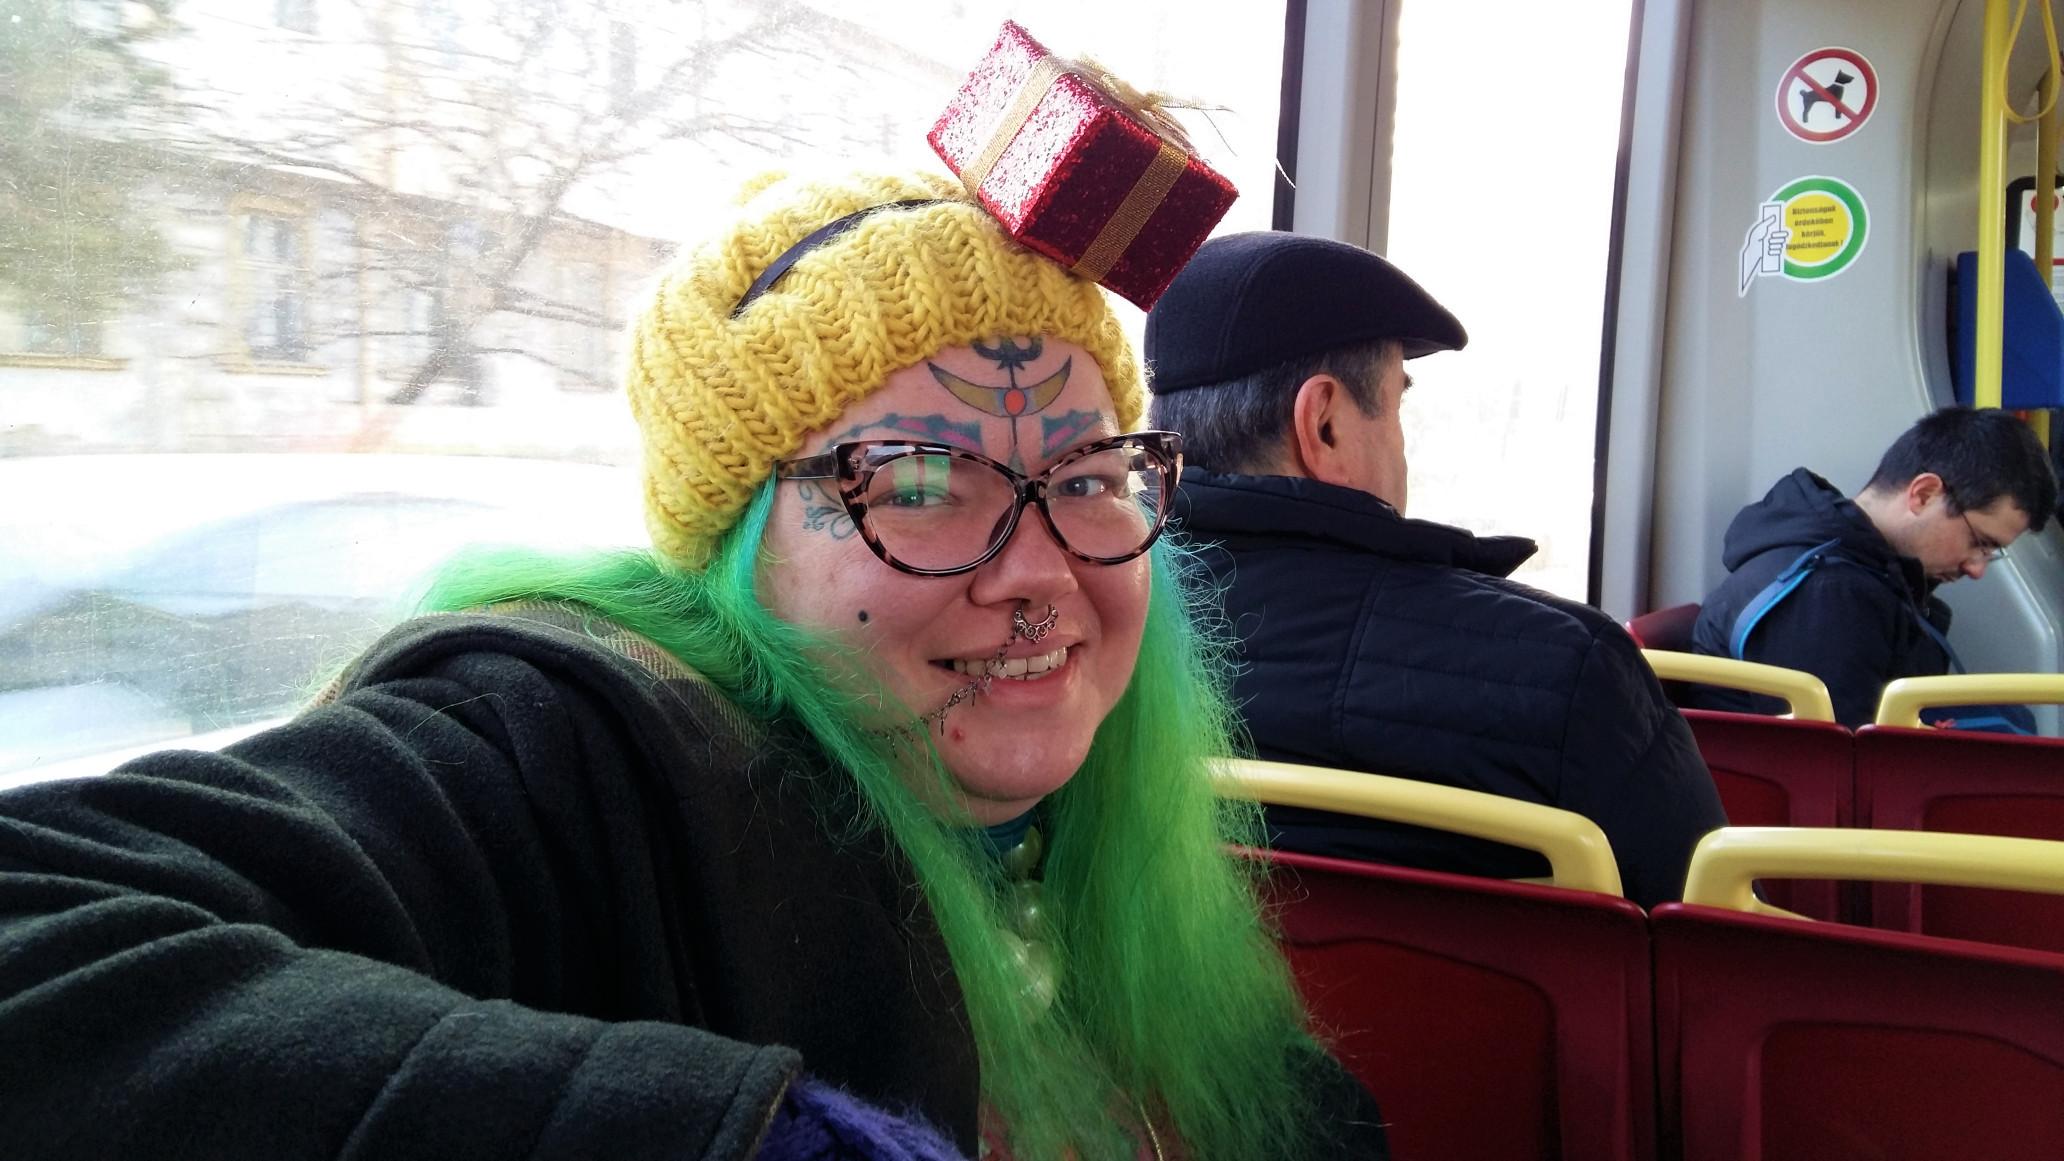 szeghalmi_ors_portret_n_tramvai.jpg